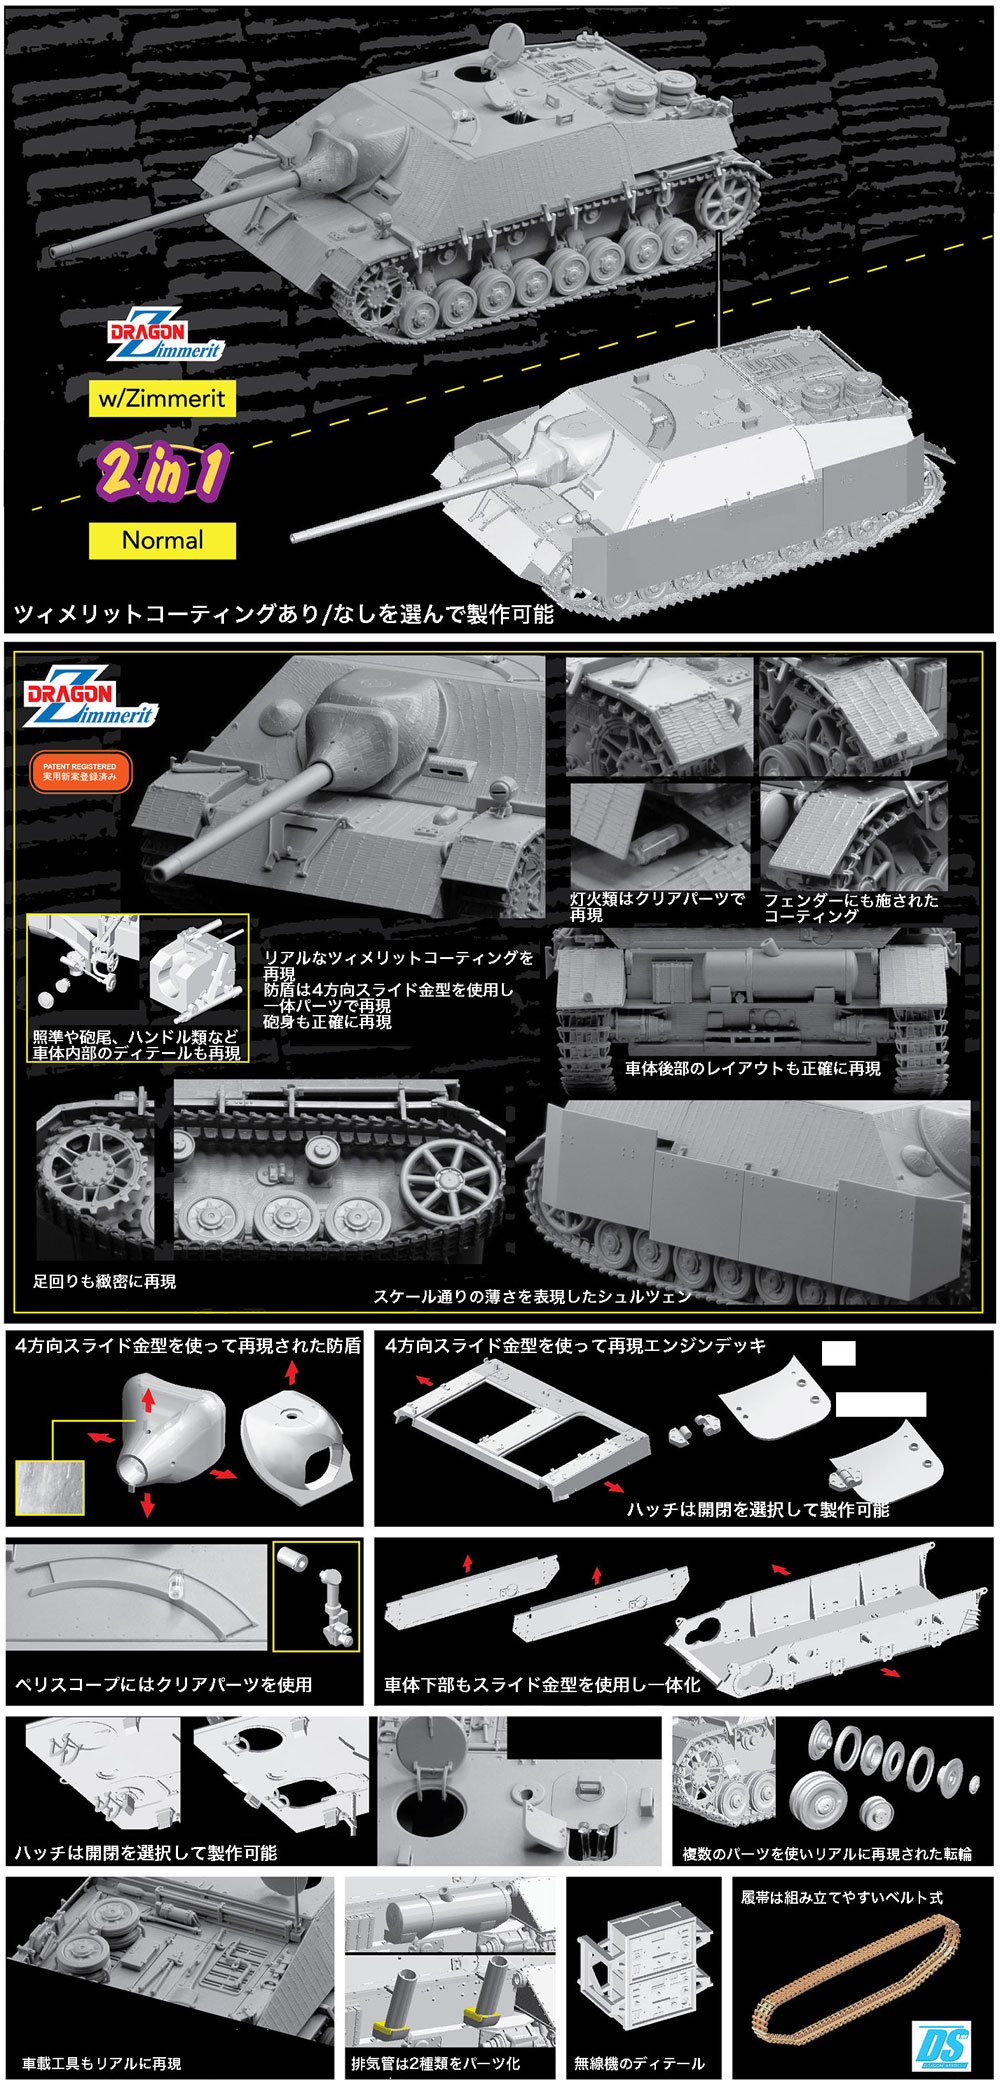 ドイツ 4号駆逐戦車 L/70 (V) ラング w/ツィメリット 2in1プラモデル(ドラゴン1/35 '39-'45 SeriesNo.6498)商品画像_2